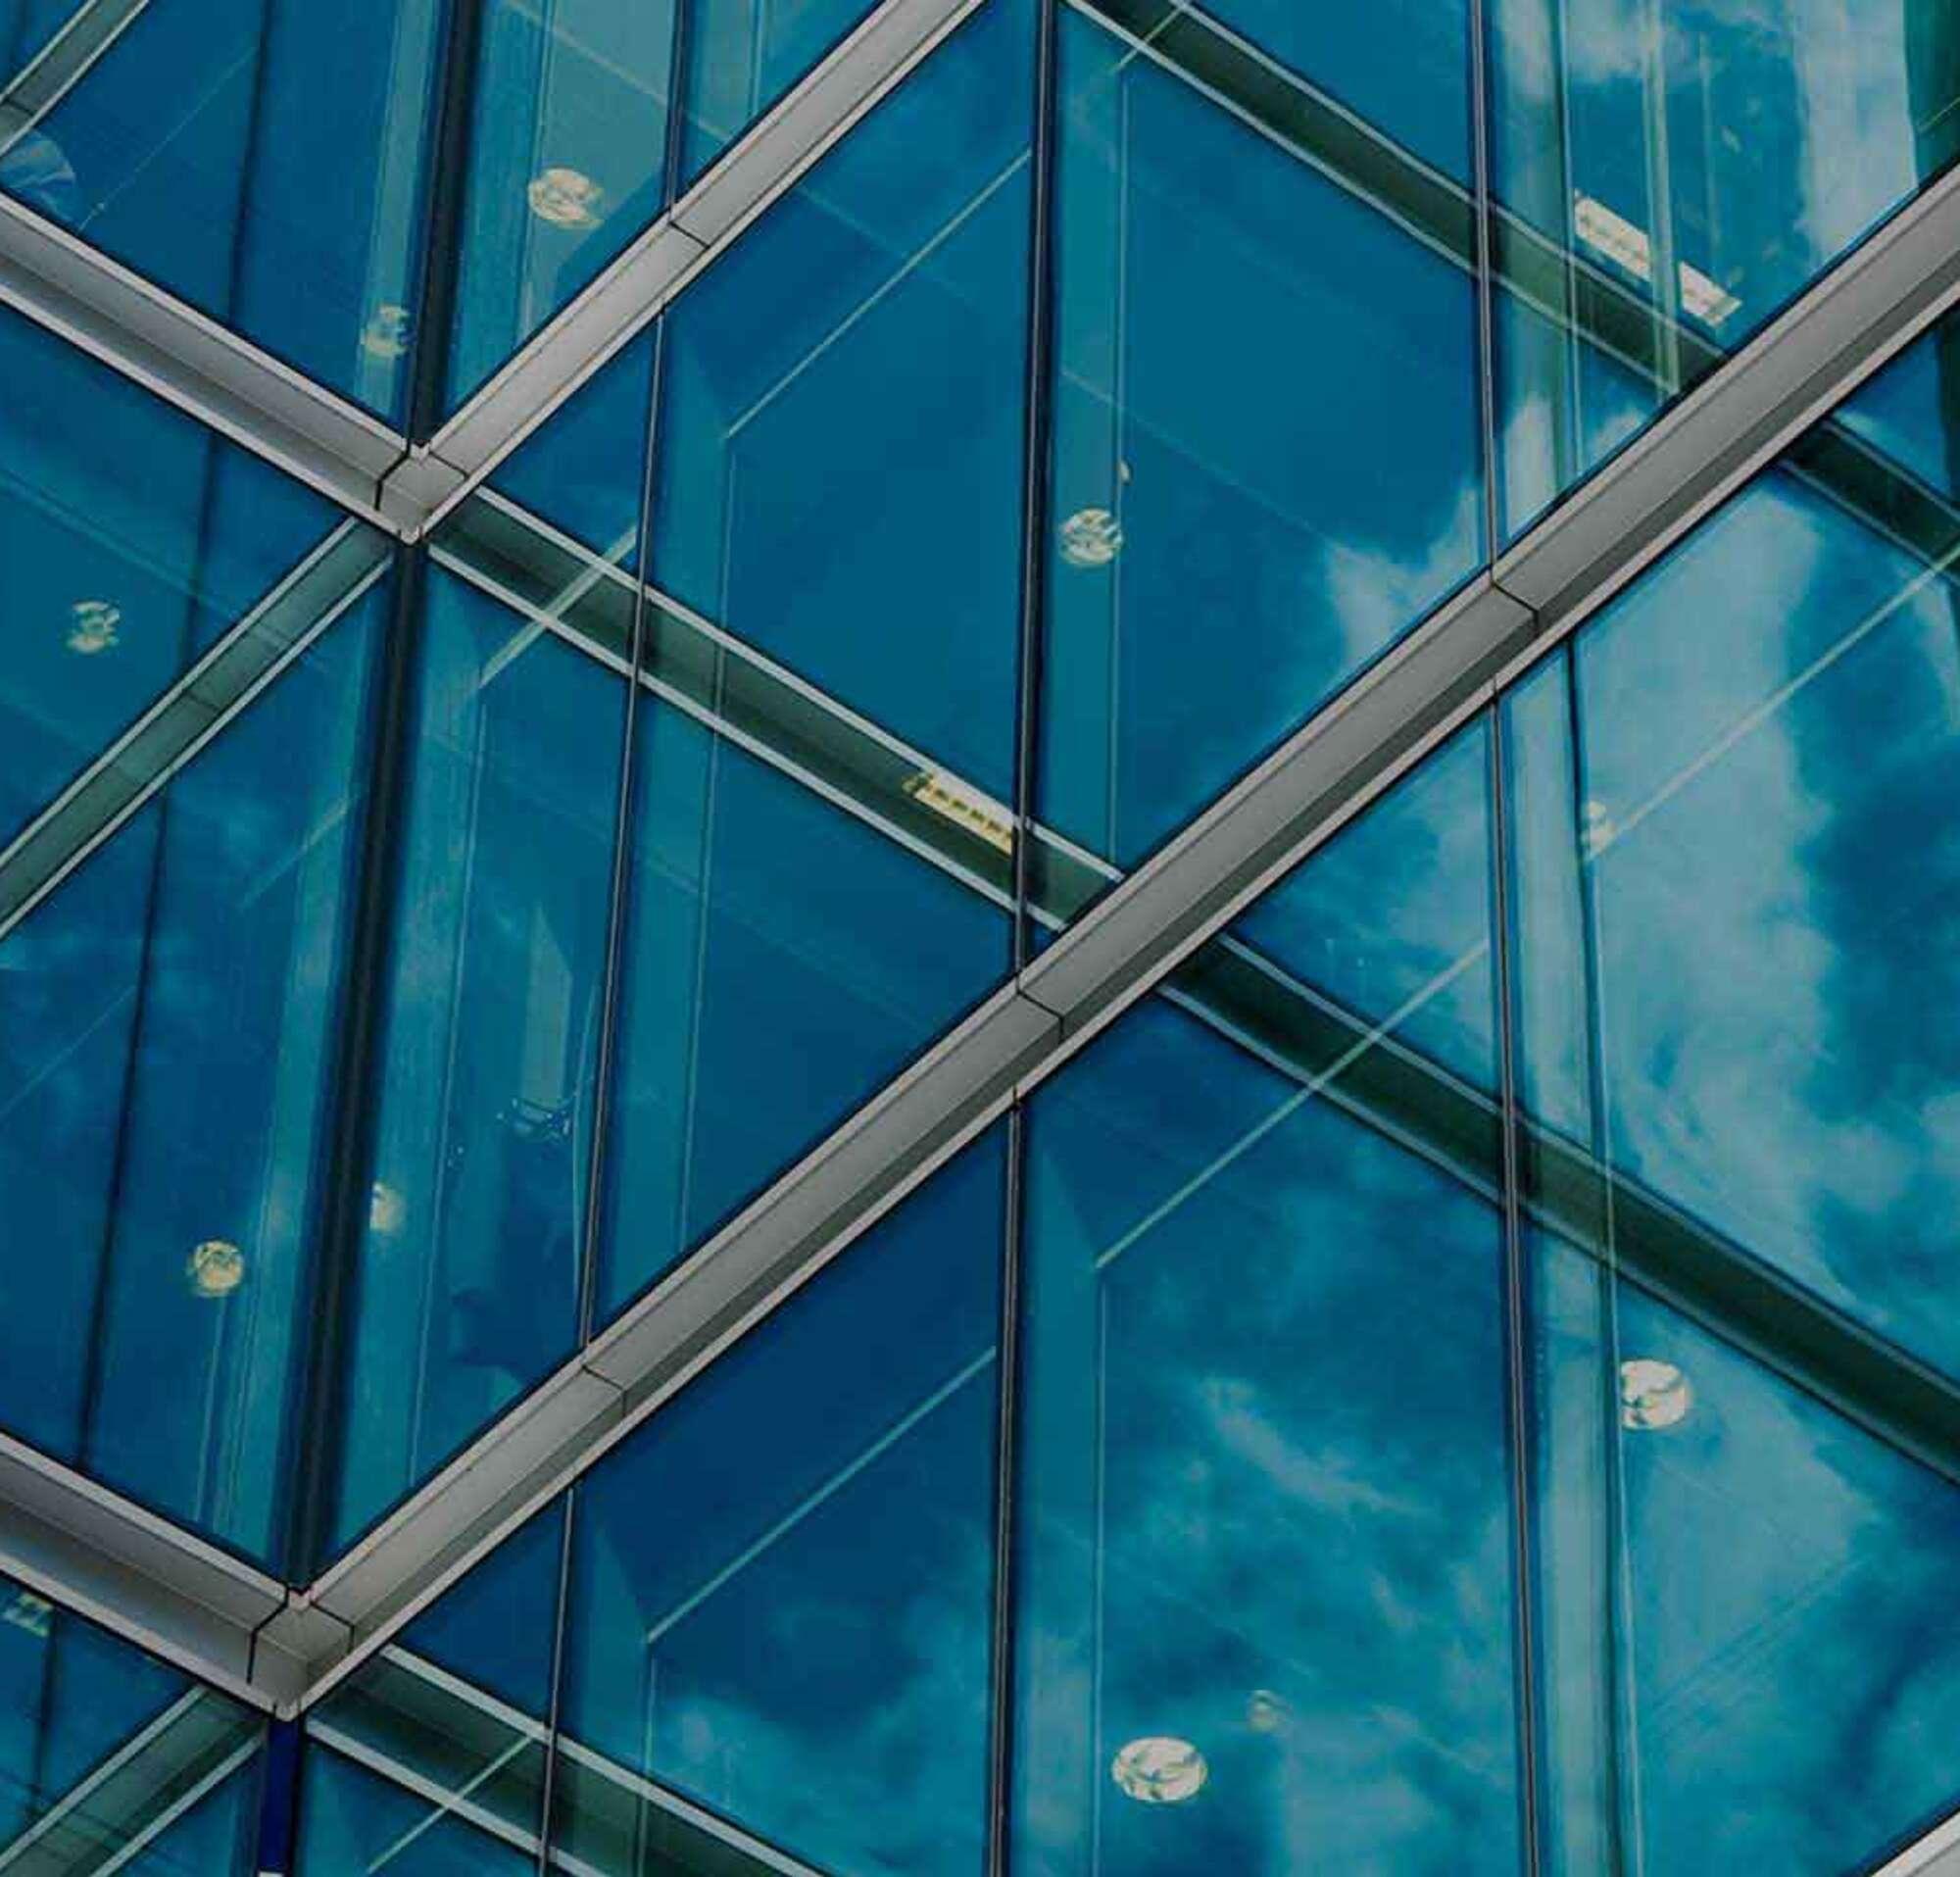 Edifício com janelas de vidro com um texto apresentando os produtos, as integrações e APIs da DocuSign.